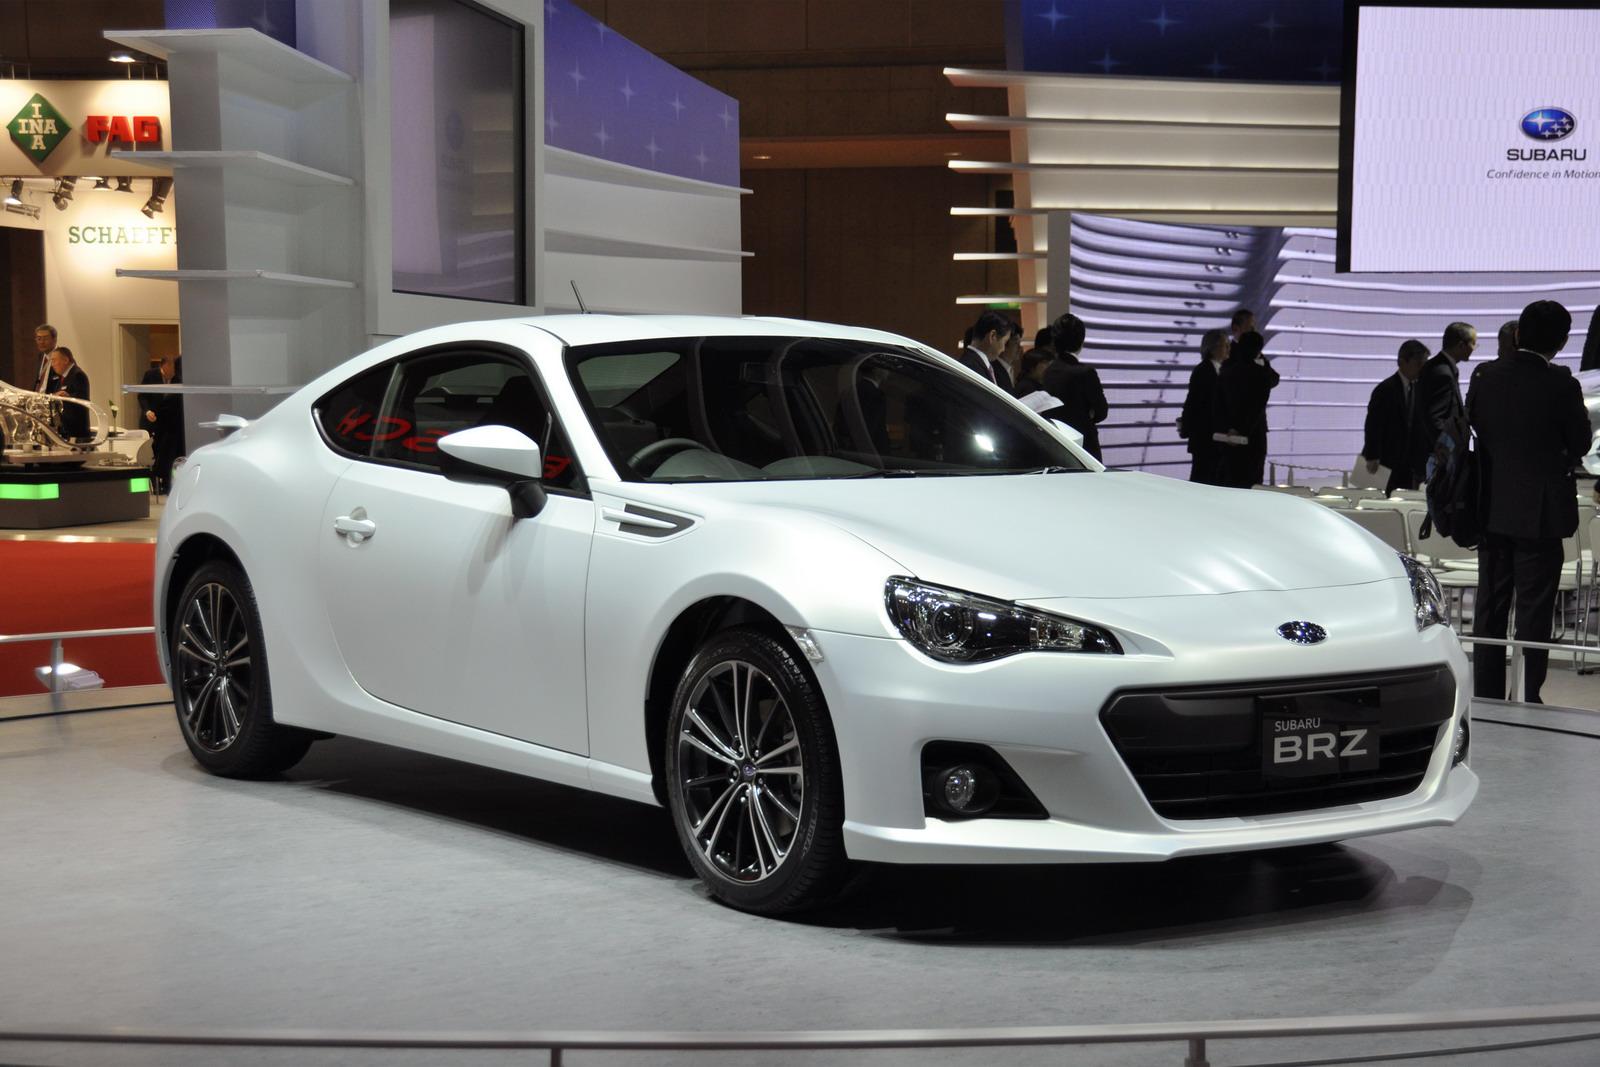 2013-Subaru-BRZ-Coupe-23.jpg?imgmax=1800